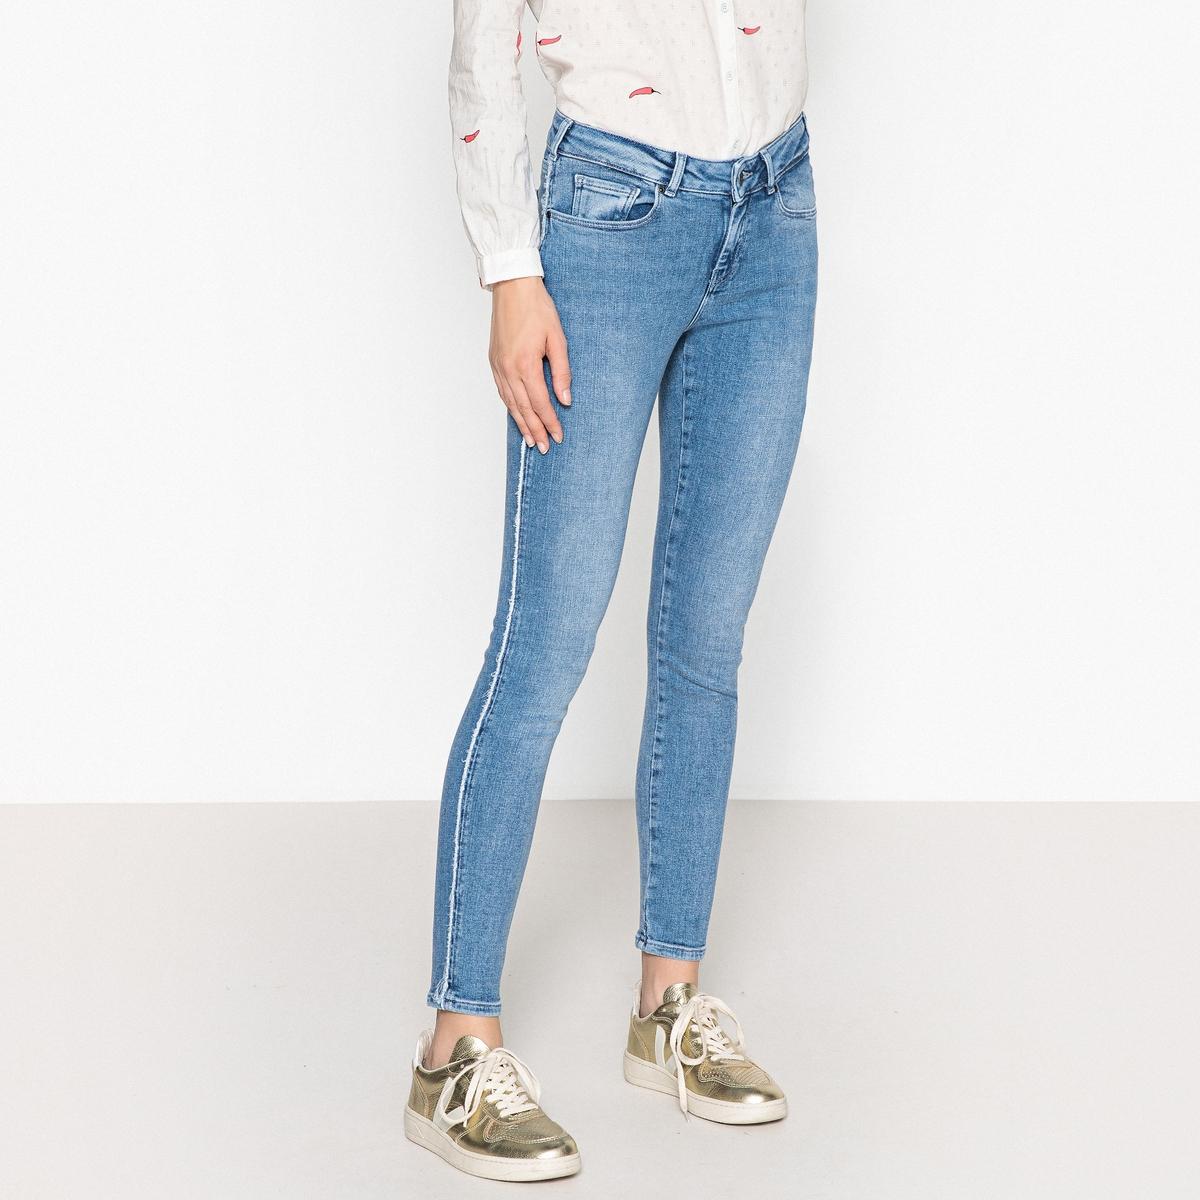 Джинсы скинни длина. 32 джинсы скинни длина 32